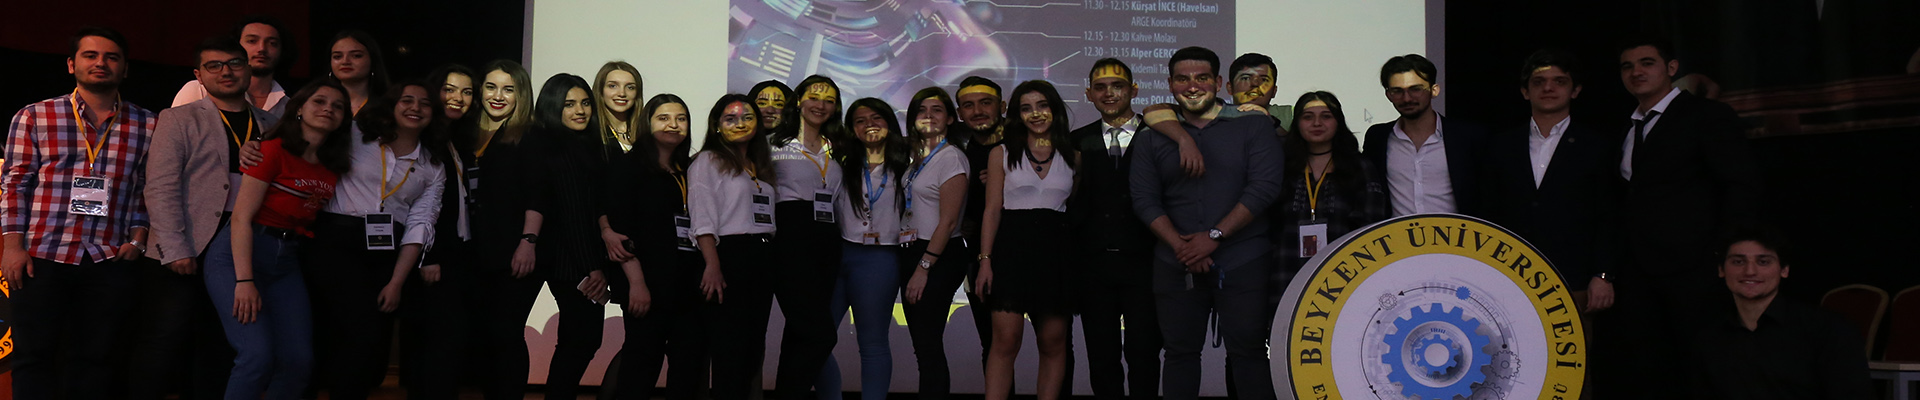 Boss AI Summit 2019